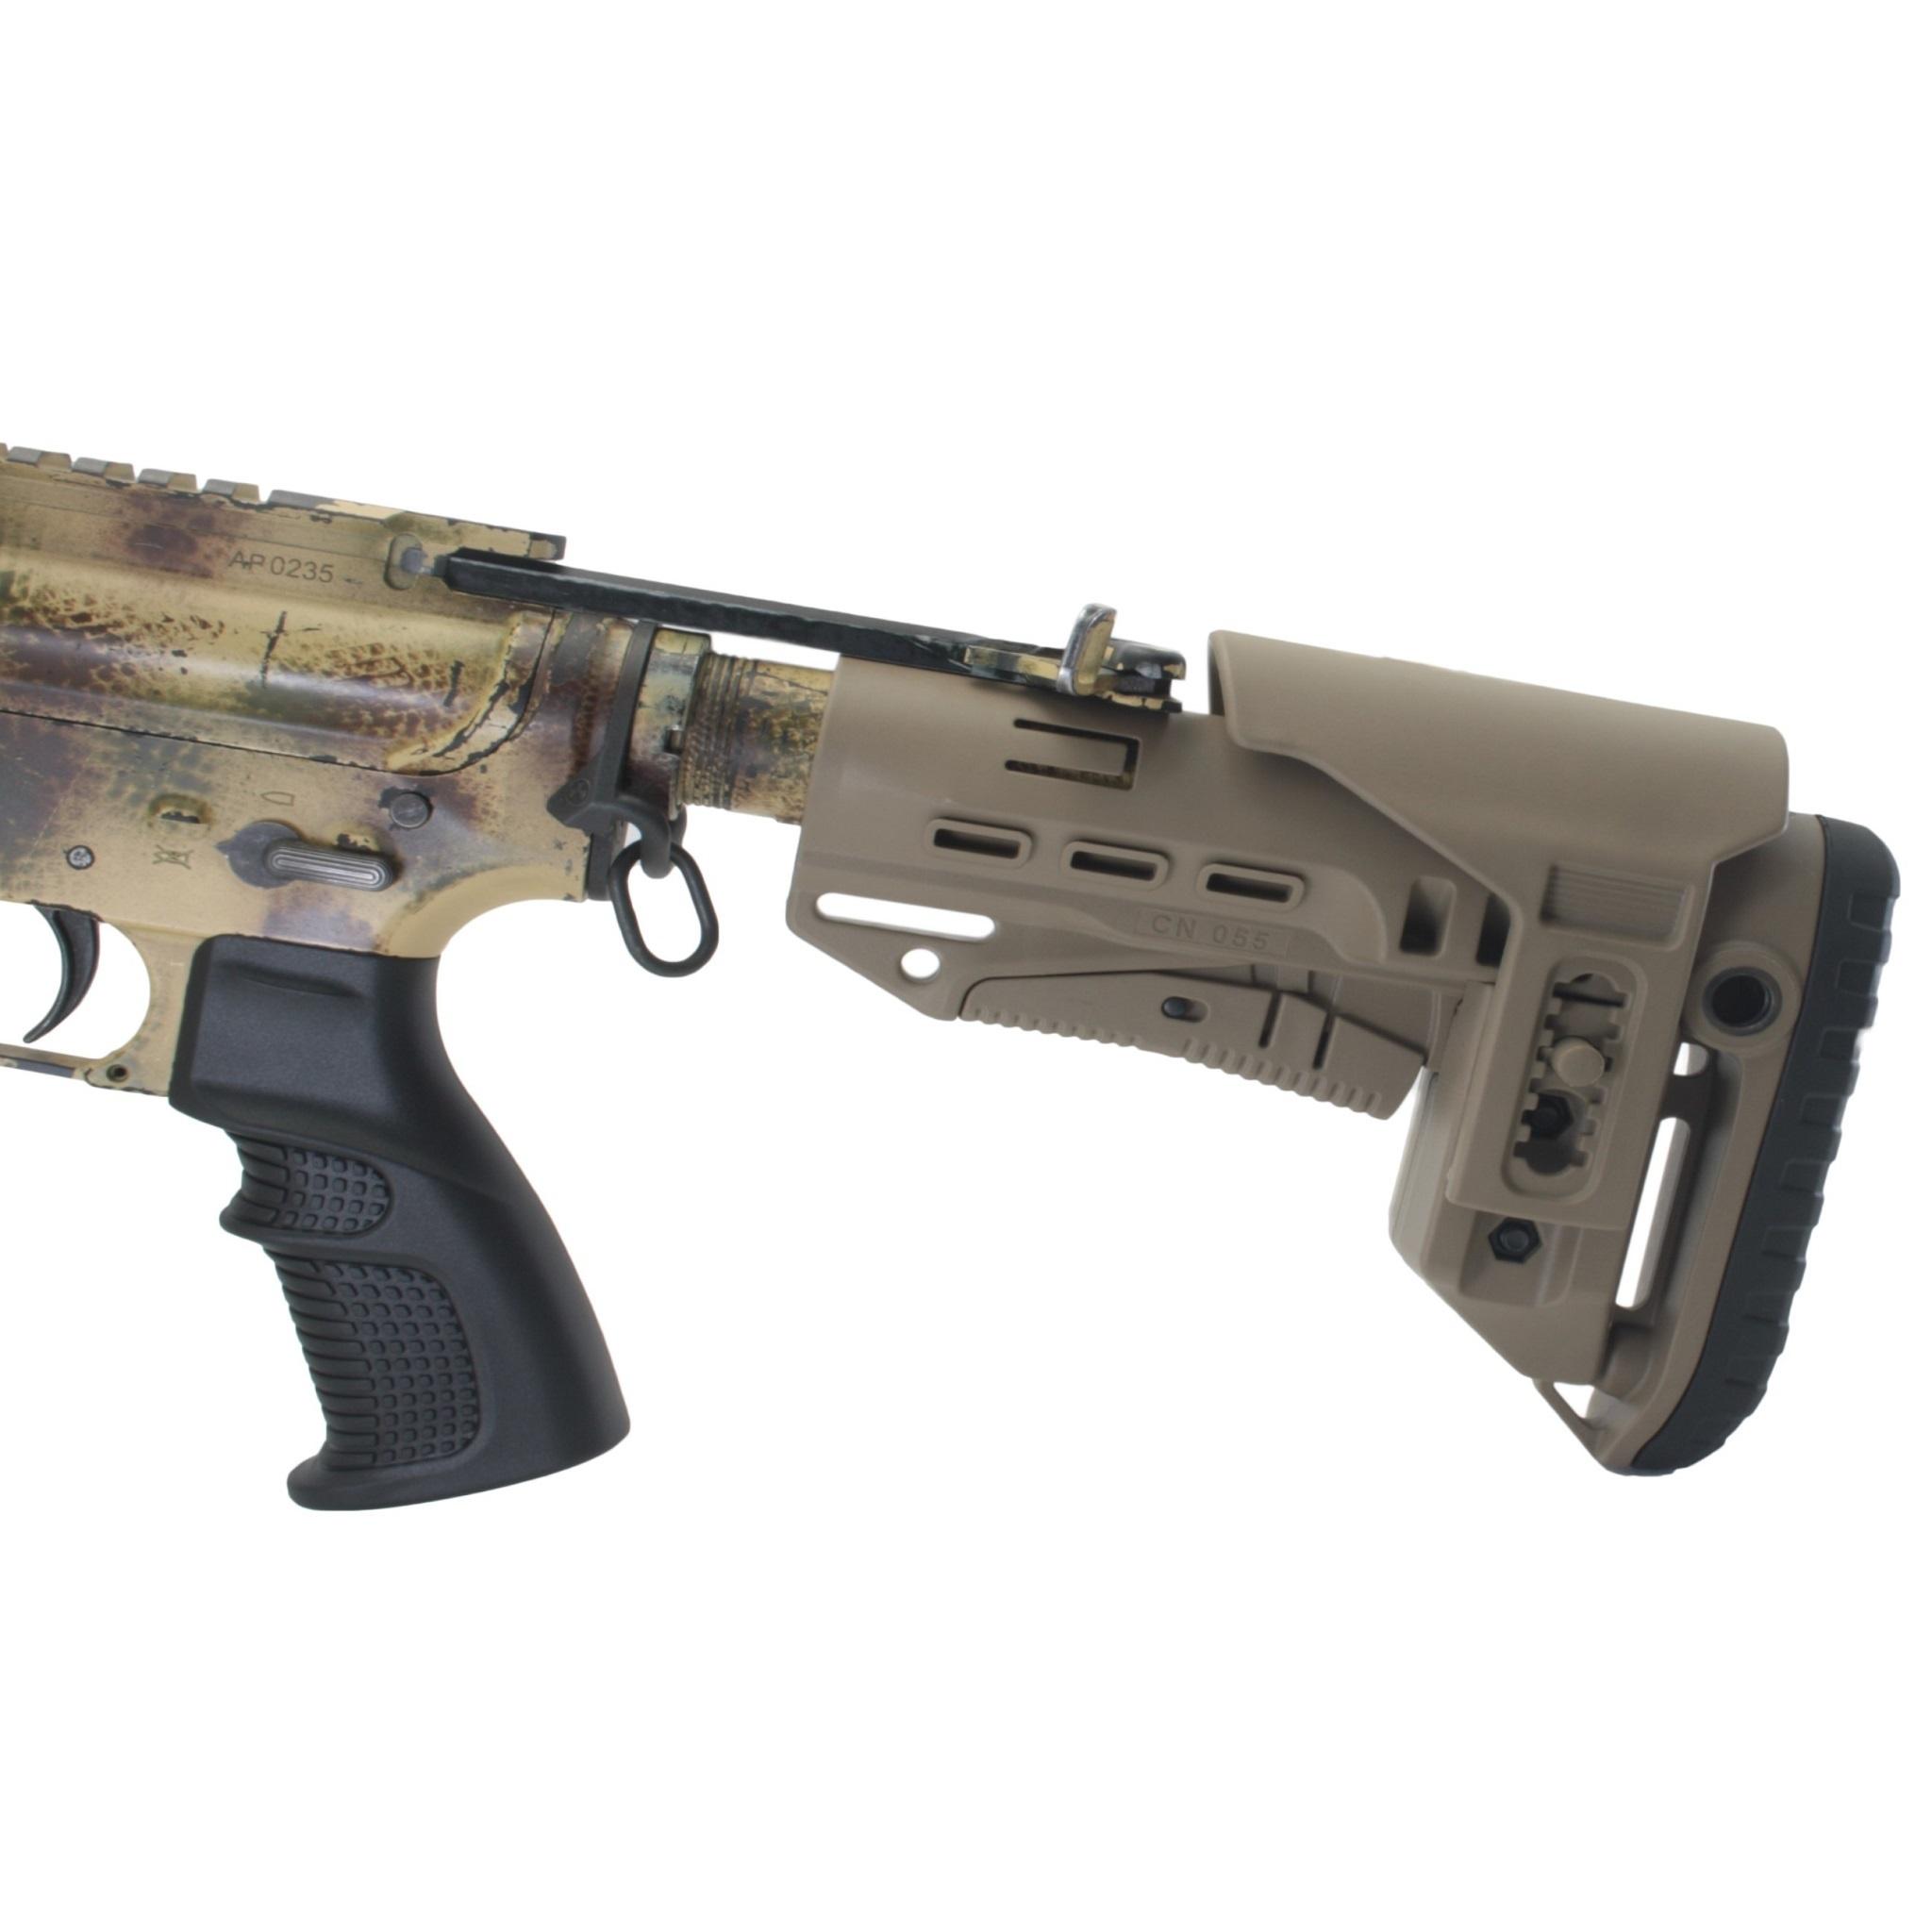 Короткий подщечник для AR для приклада TBS Compact, DLG Tactical - в сборе, детально